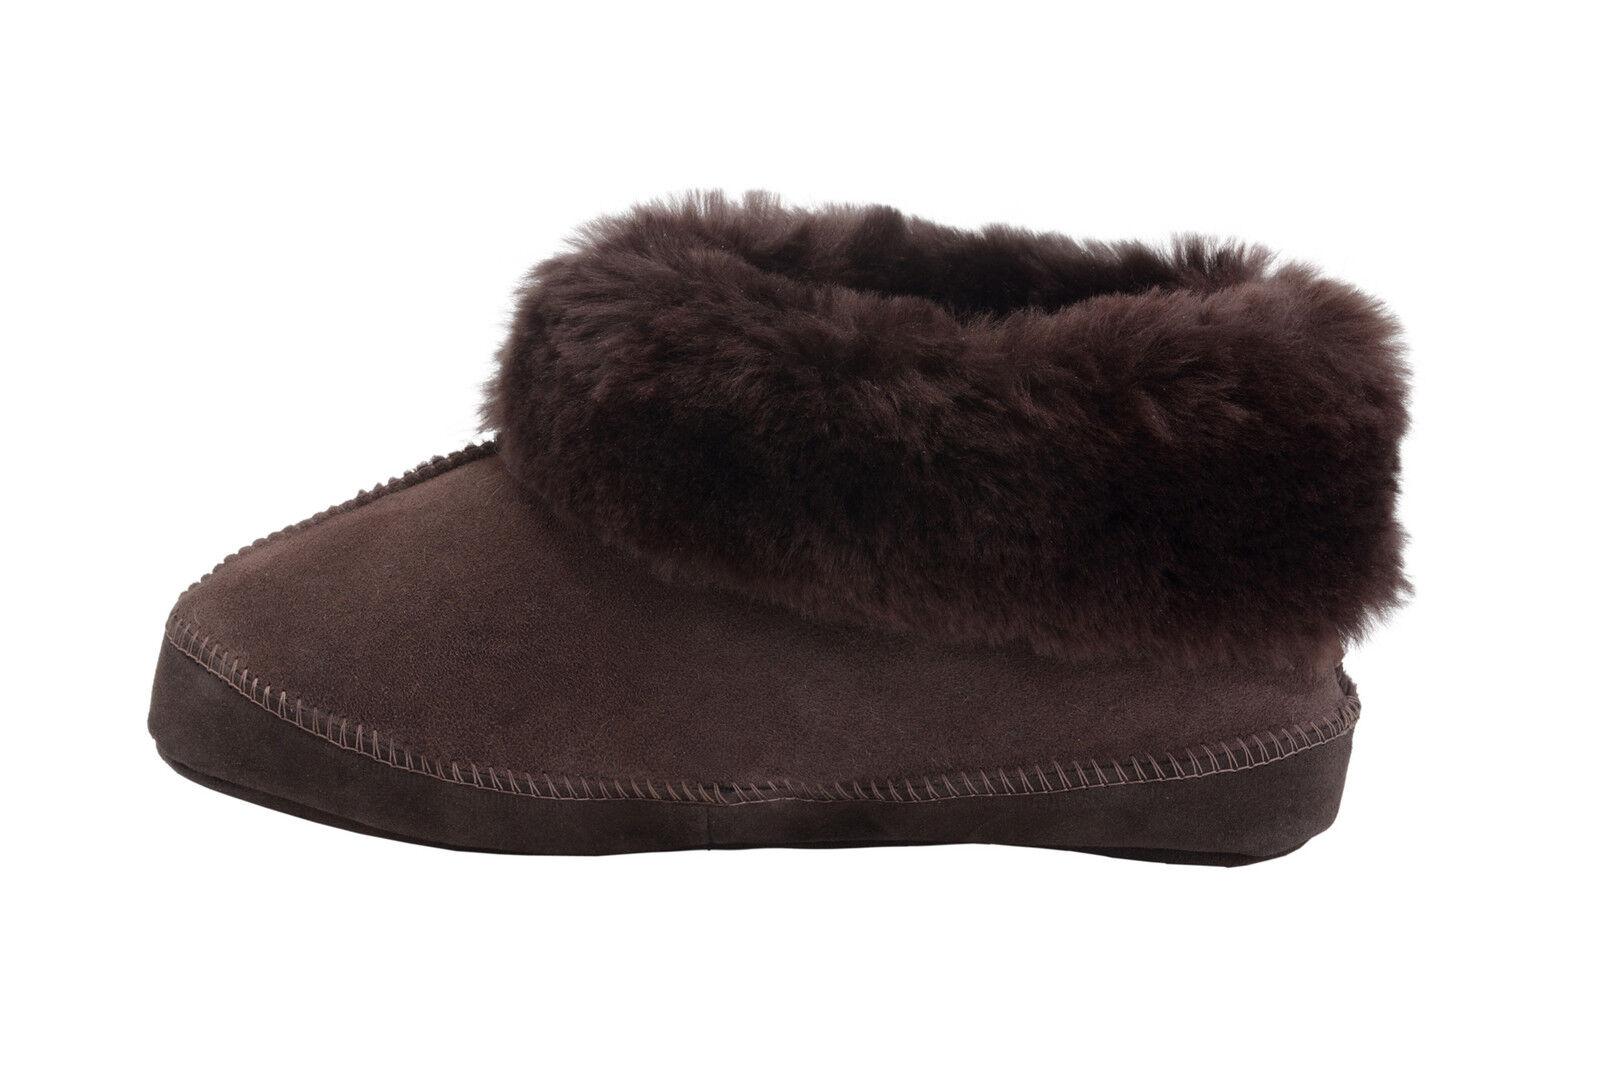 Nouveau homme femme en en en peau de mouton Bottines Chaussons en Cuir Bottines Chaussures UK Taille 3-10 b47dd7